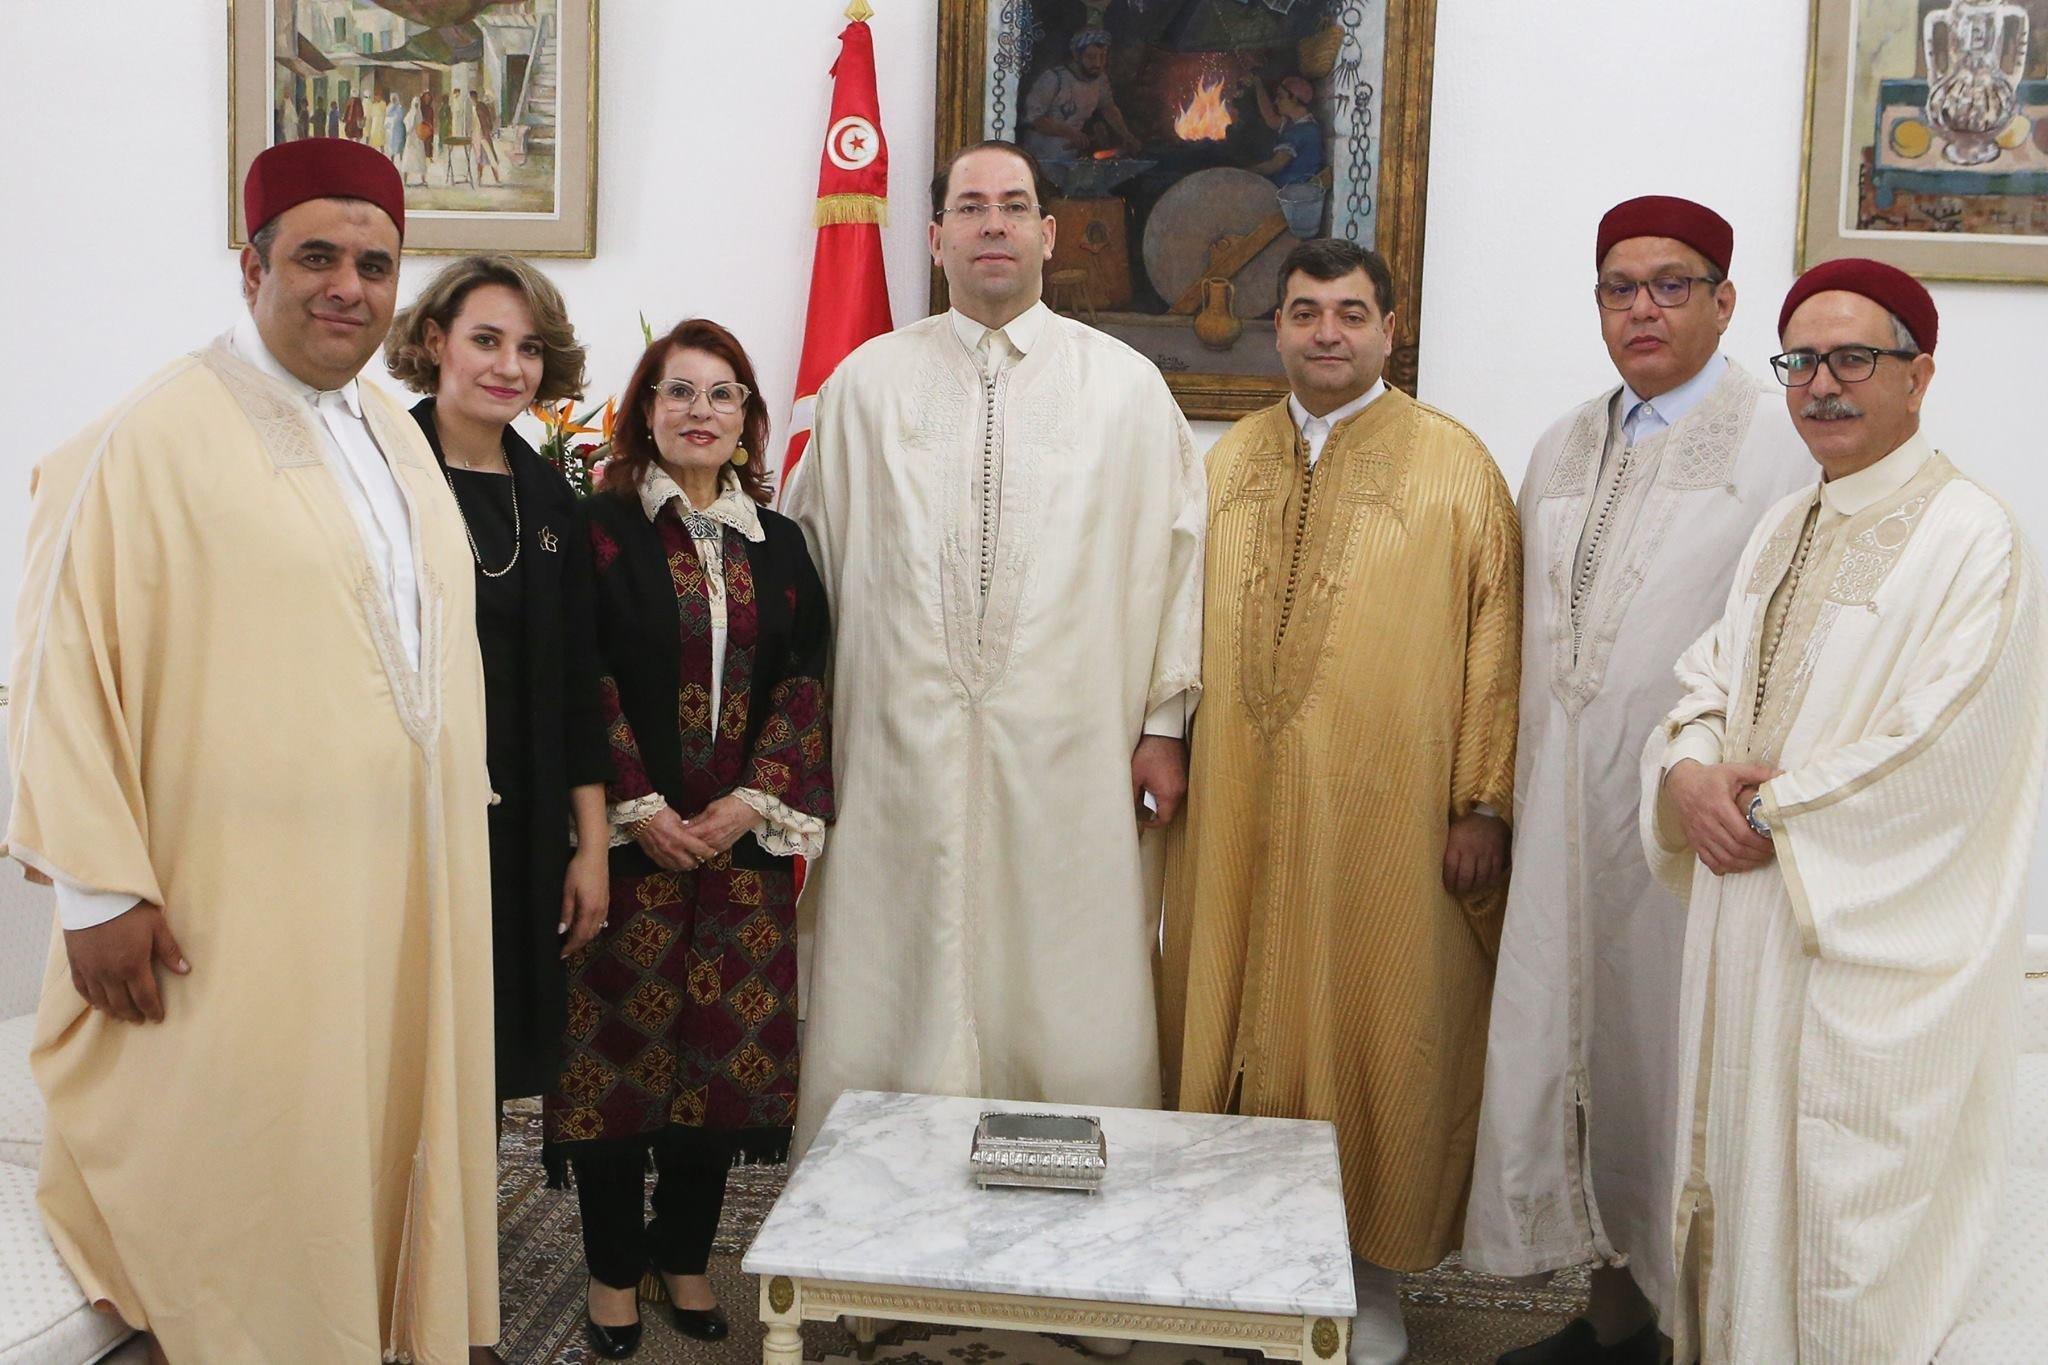 Célébration de la journée nationale de l'habit traditionnel: Personnalités politiques et fonctionnaires jouent le